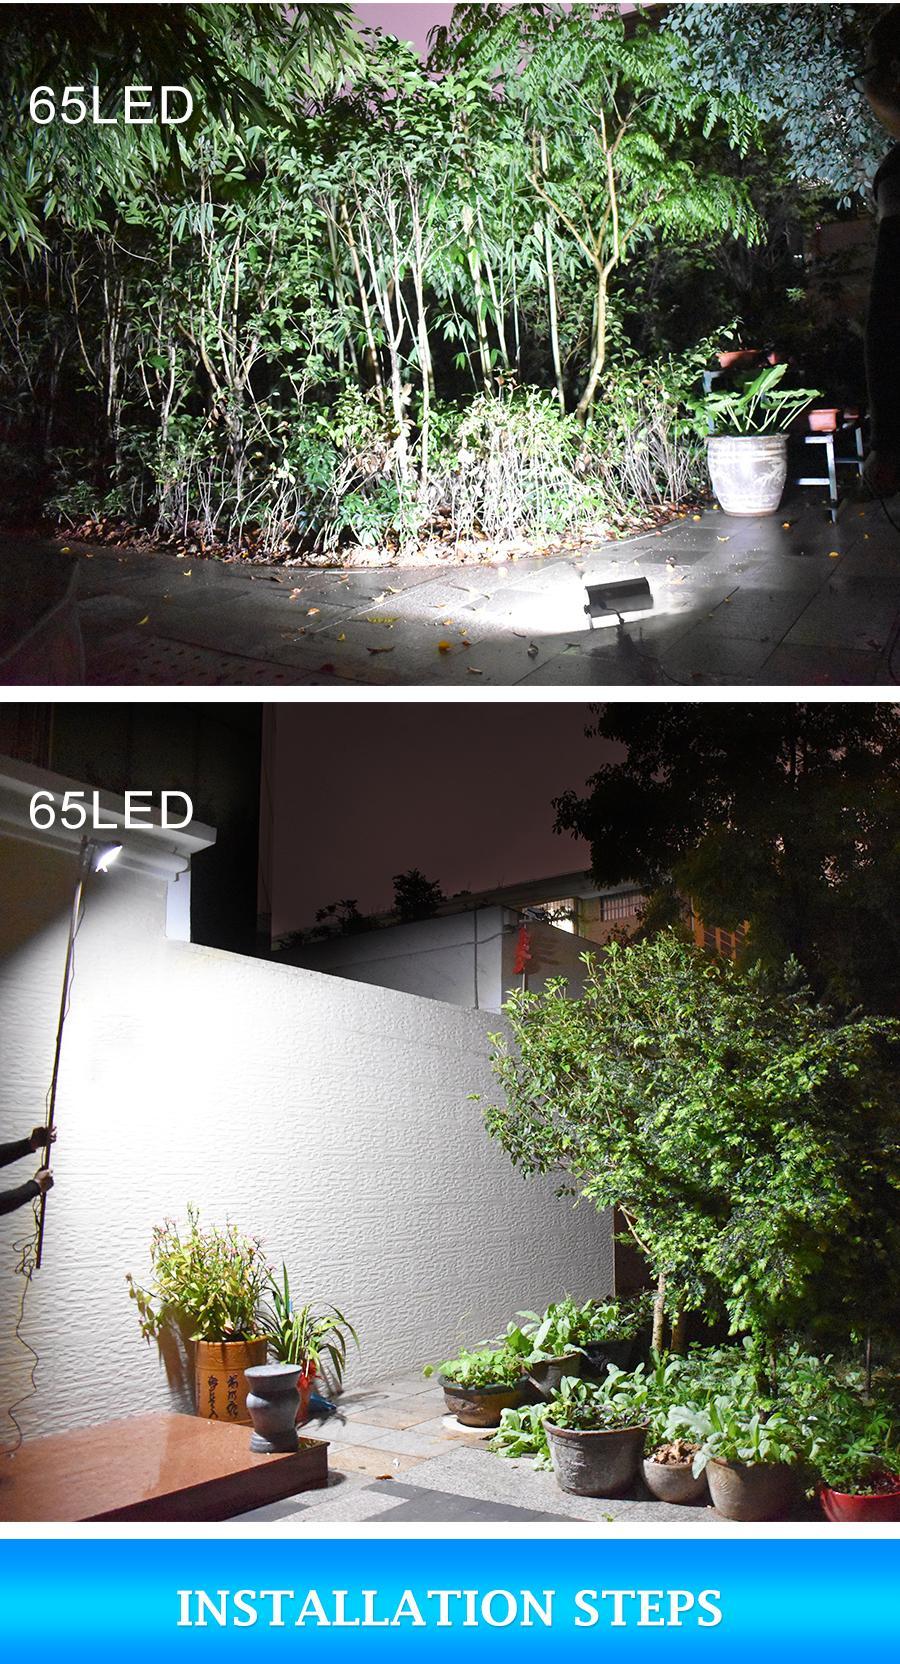 1500lm Luzes Solares Do Jardim Ao Ar